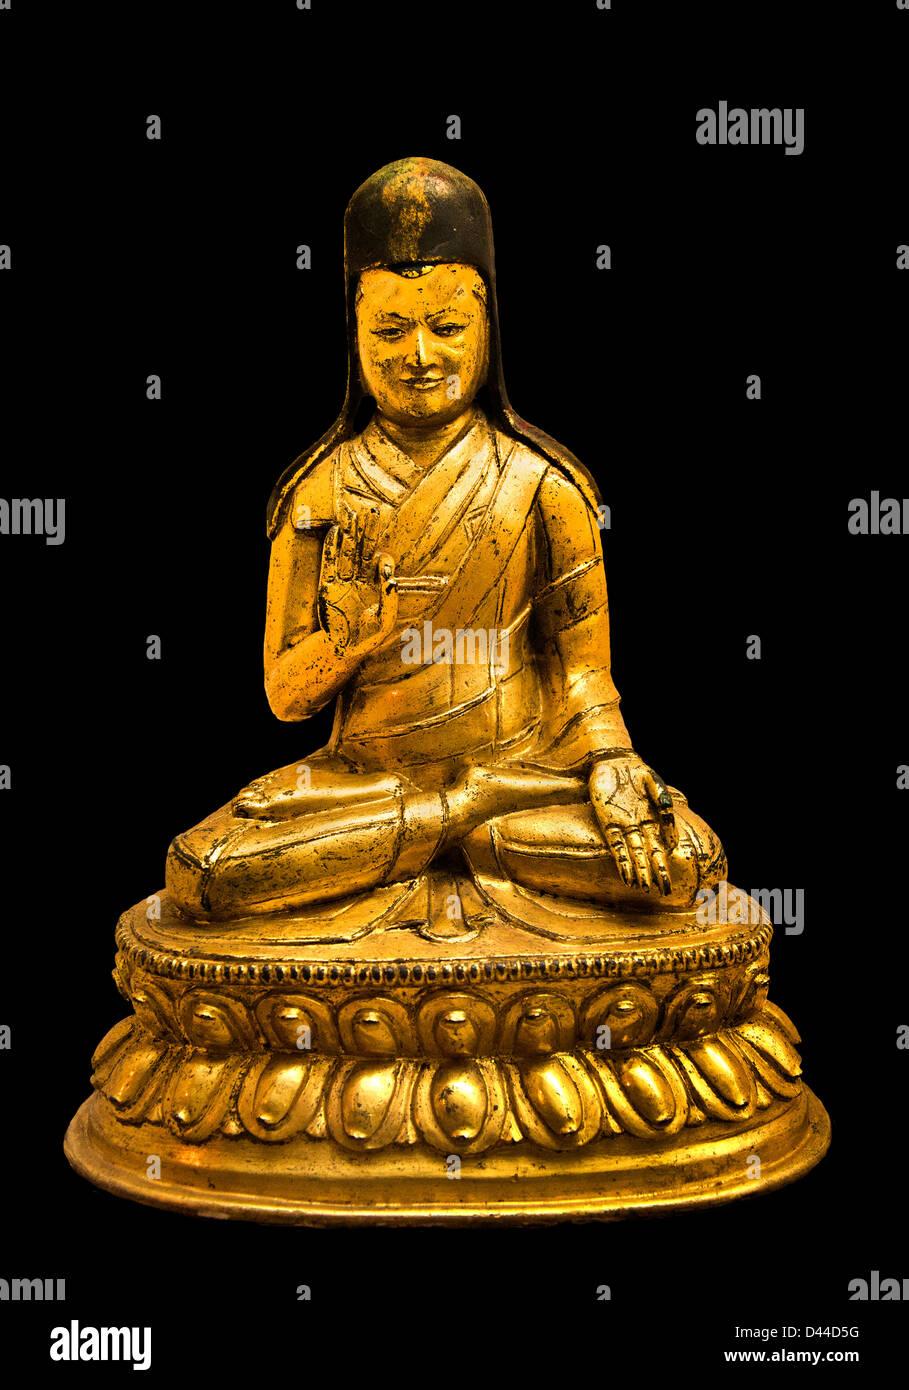 Lama du Tibet ordre Sakyapa du Bouddhisme Tibétain 17e siècle Photo Stock